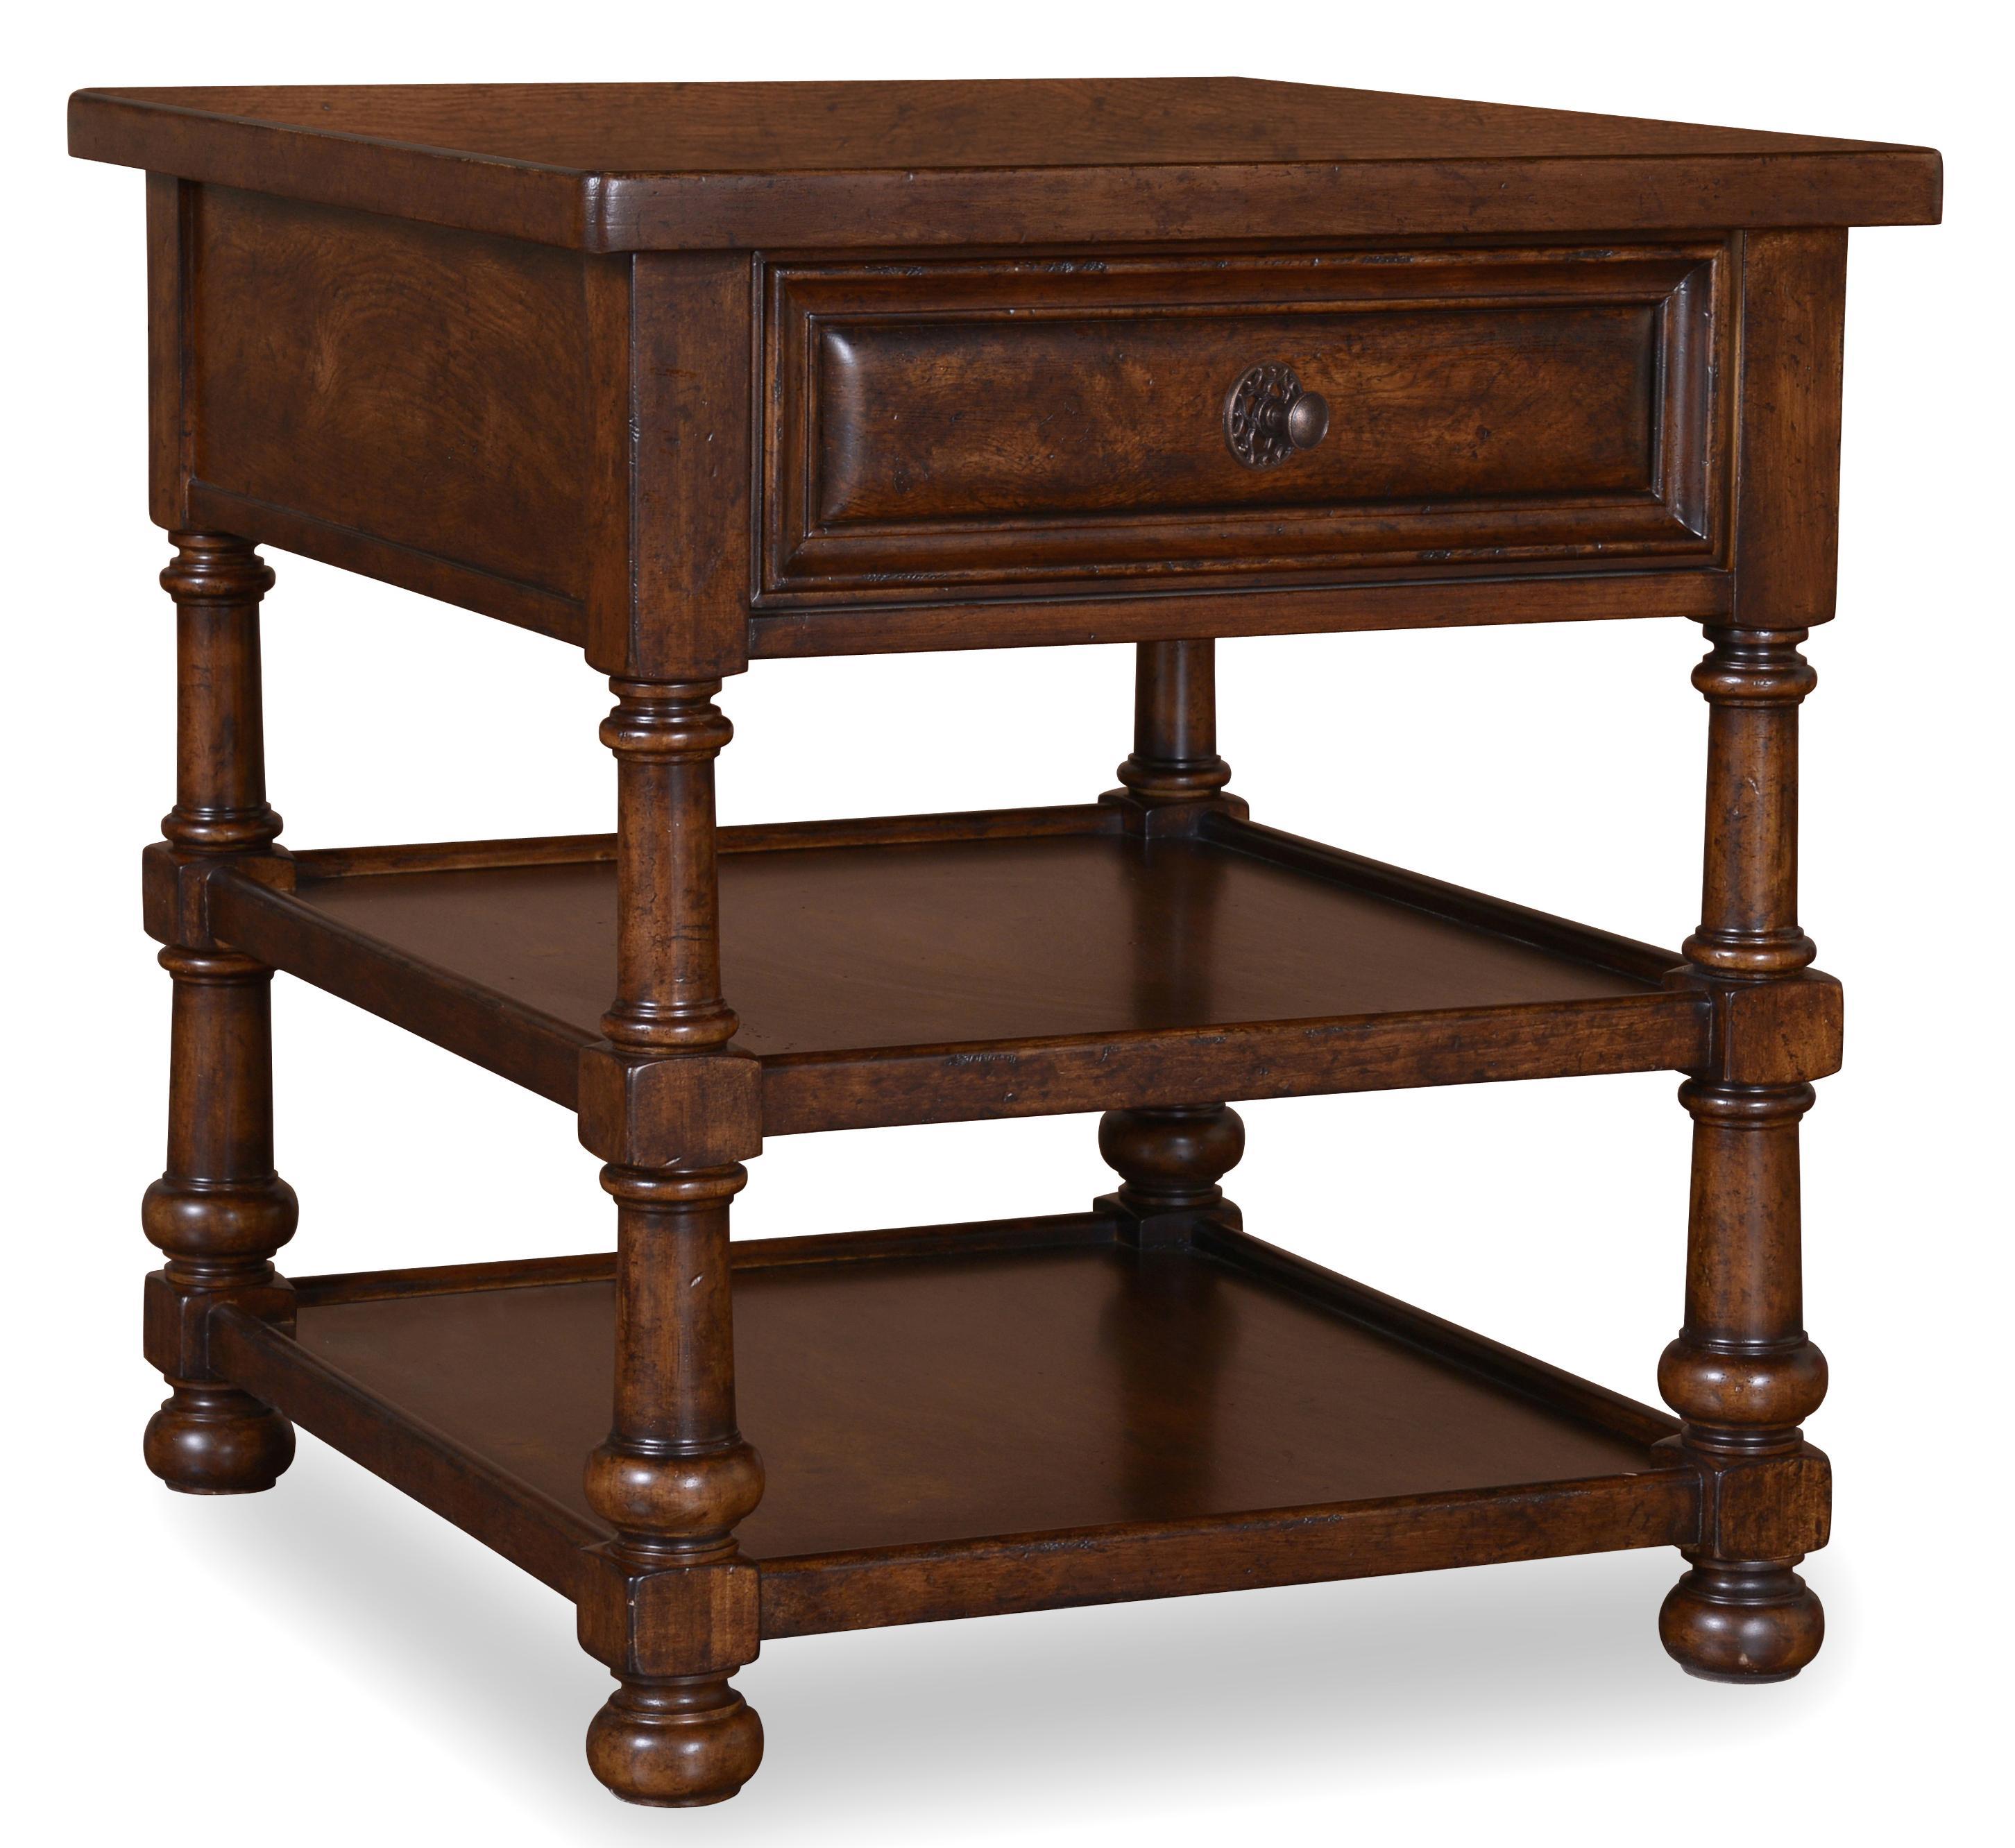 Belfort Signature Belvedere End Table - Item Number: 205304-2304